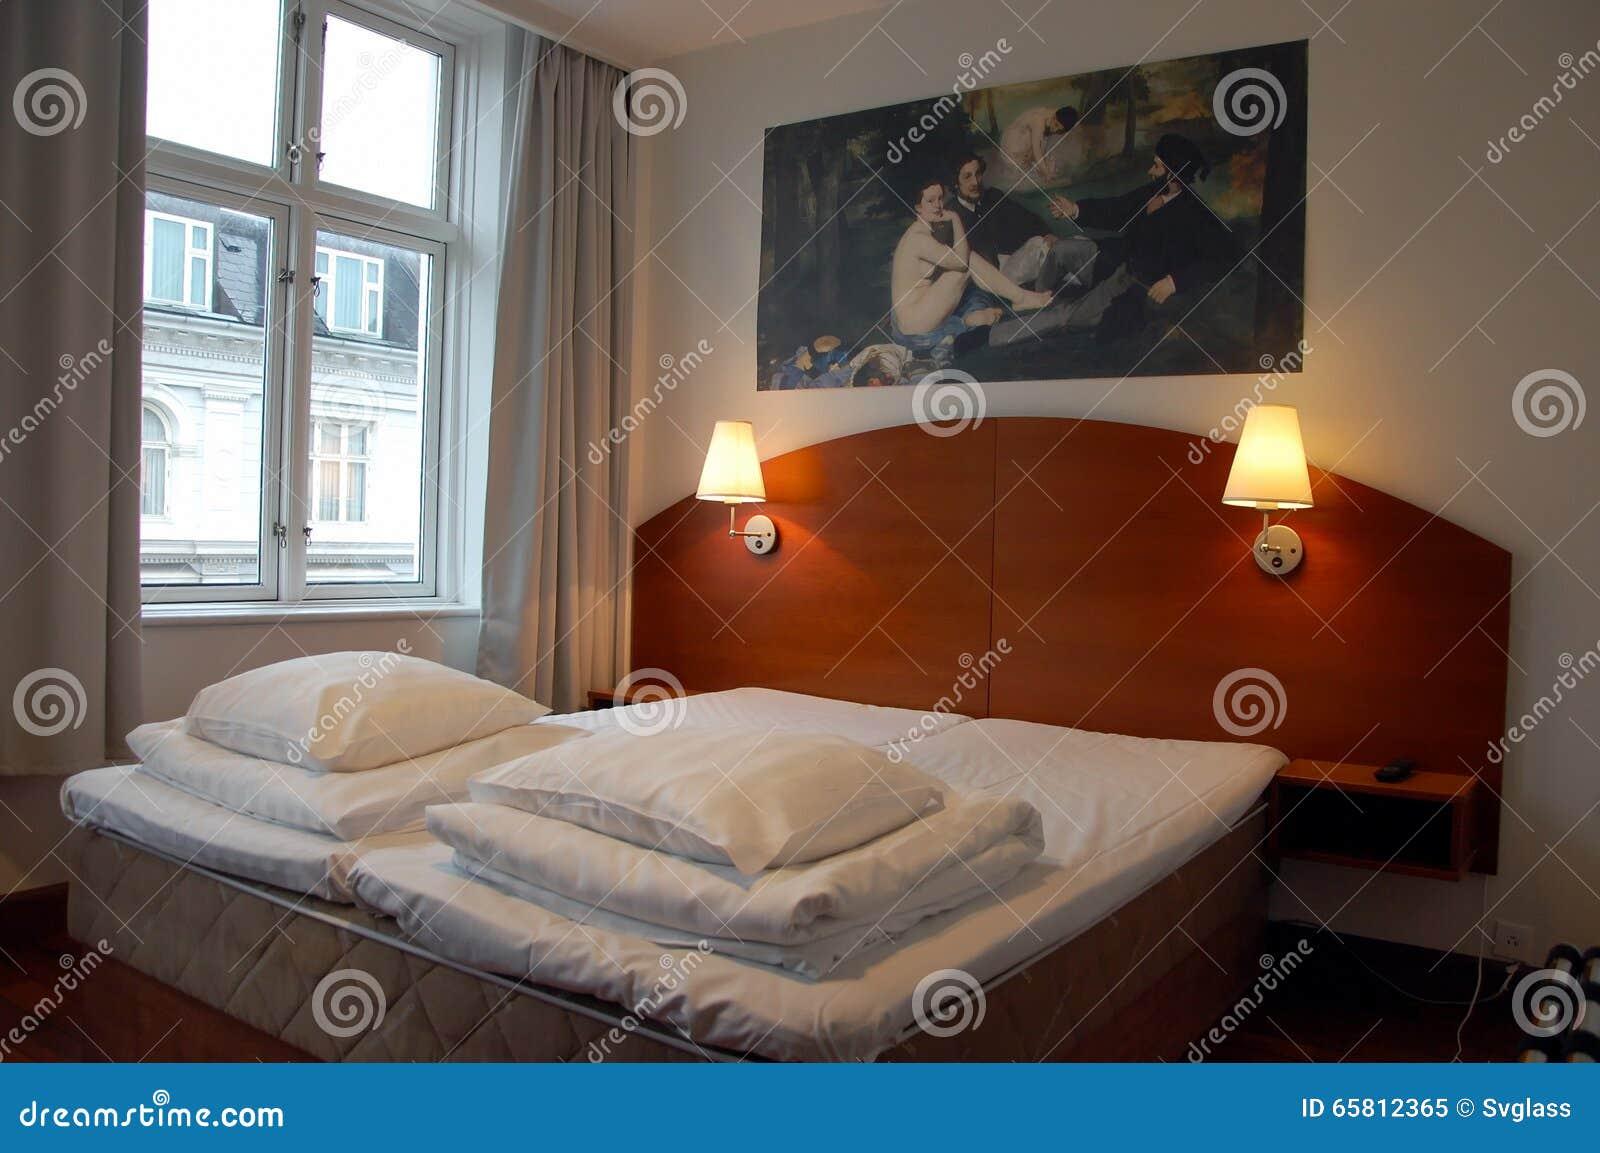 download intrieur dune petite chambre pour deux personnes un htel image ditorial